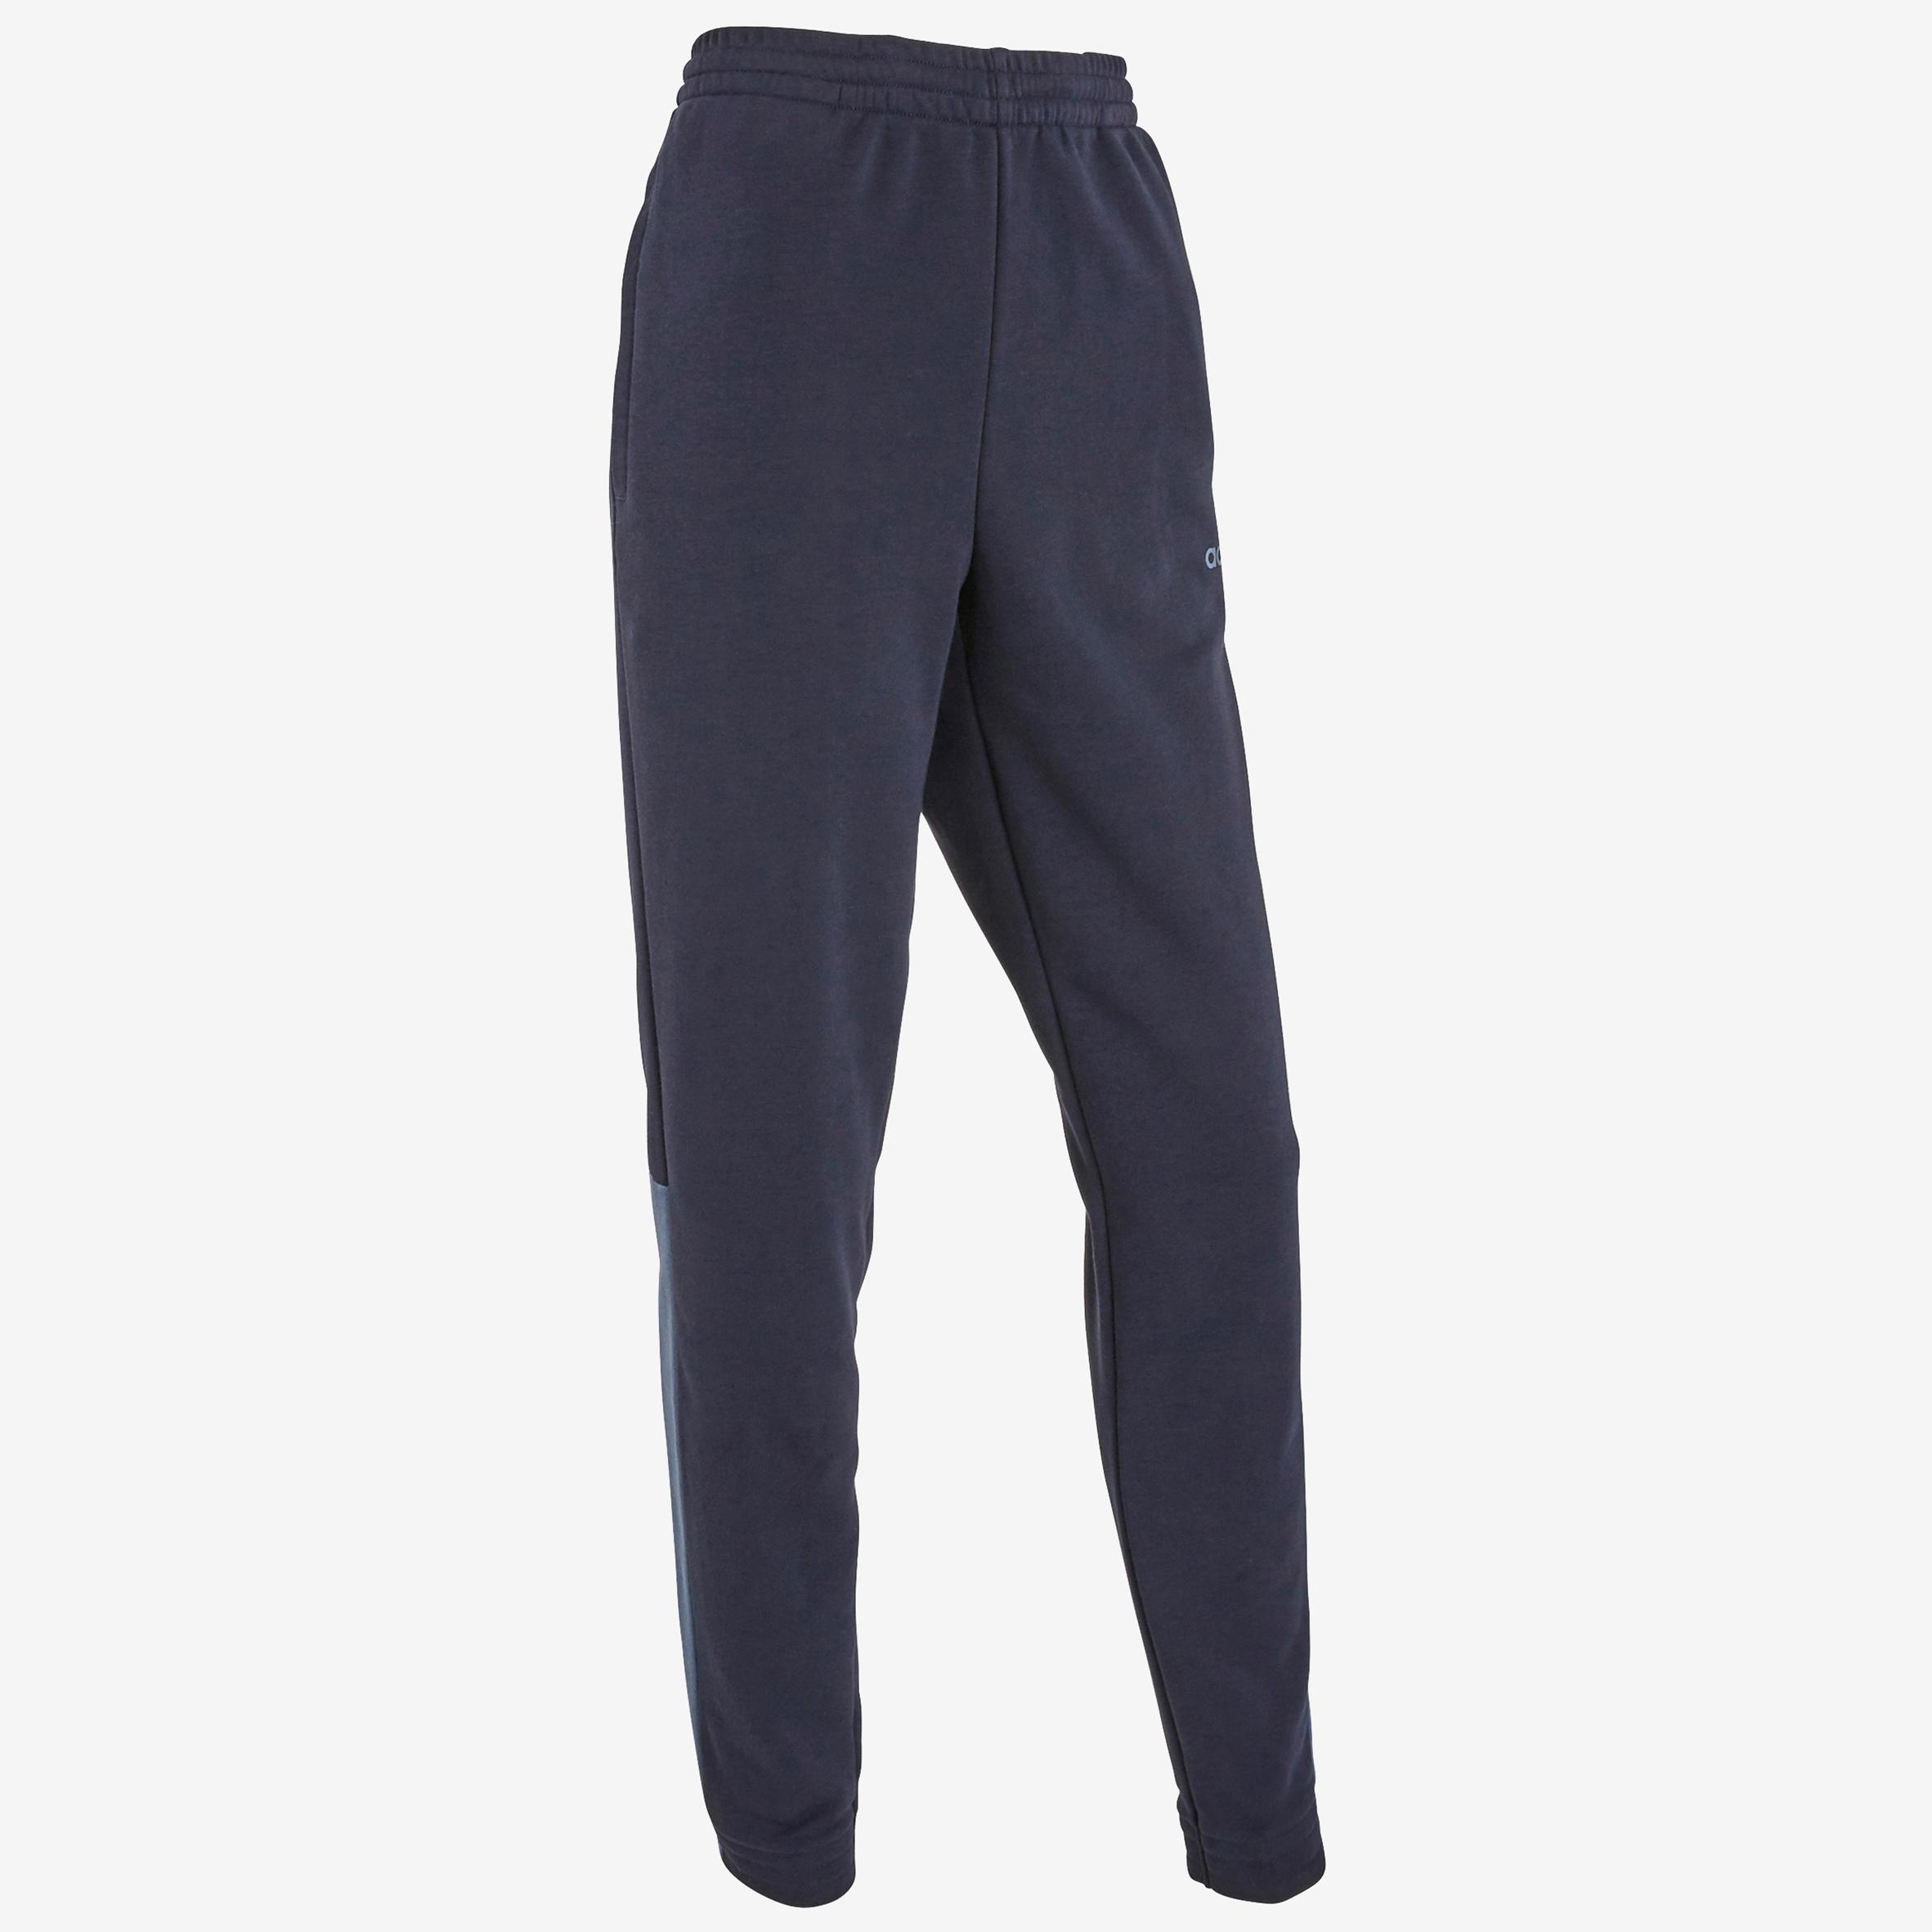 pantaloni adidas uomo blu